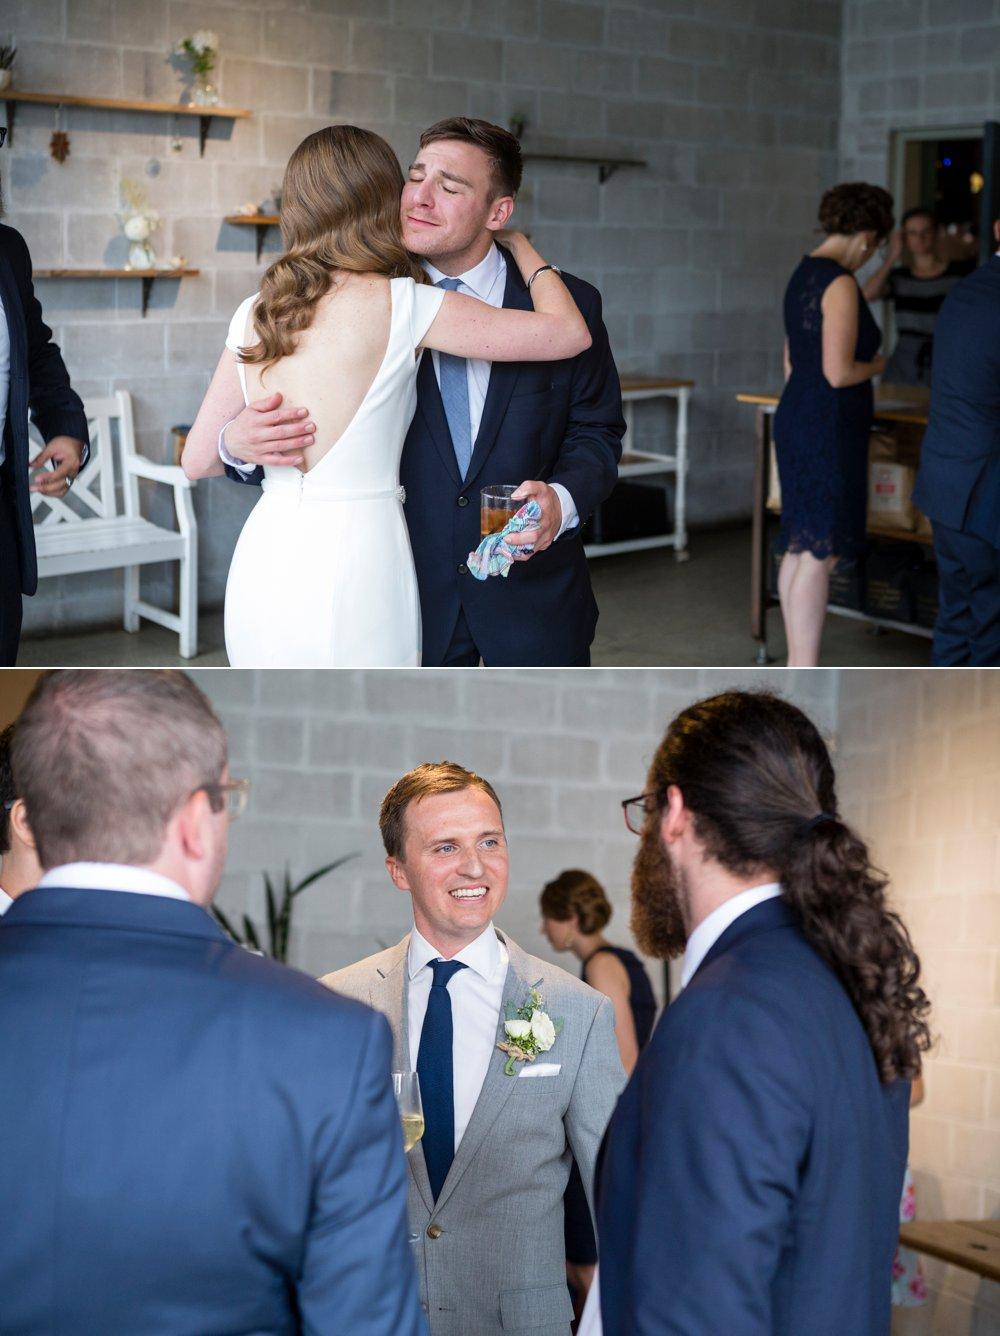 SomerbyJonesPhotography_LoyalNineWedding_LoyalNineRestaurant_LoyalNine_Wedding_0030.jpg